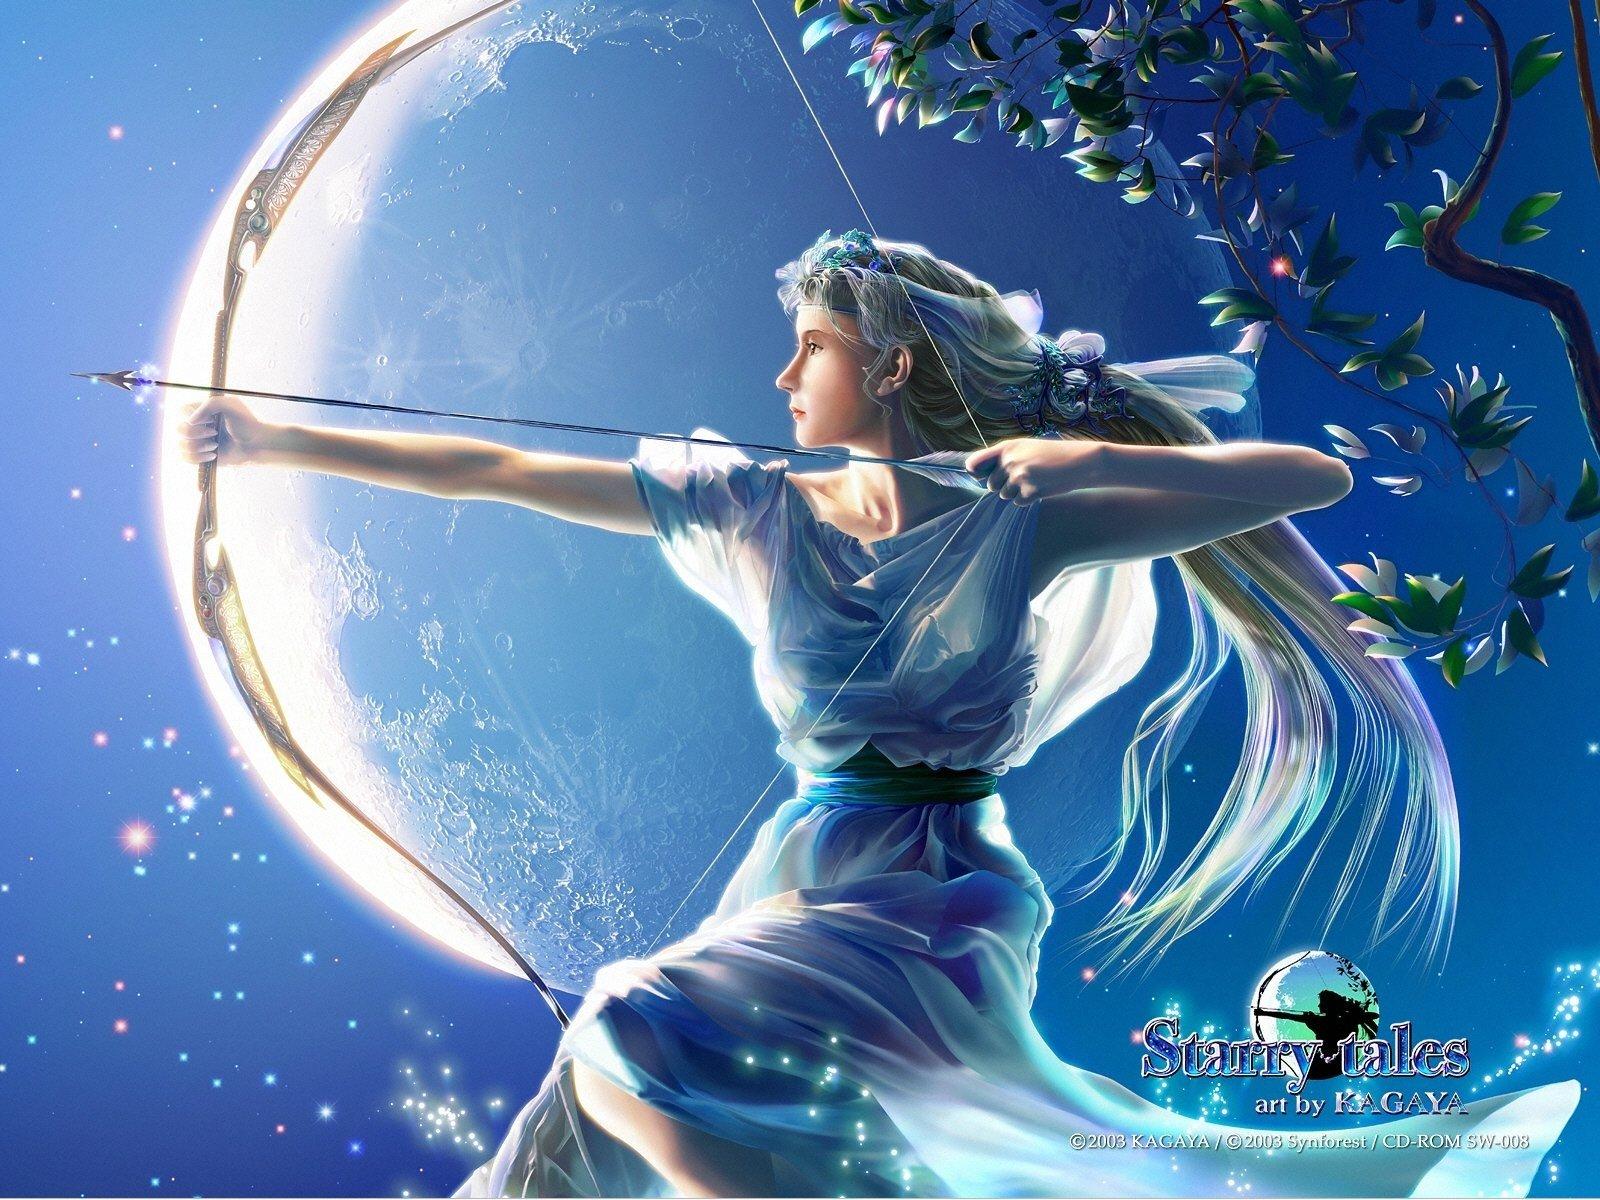 fantasy art Goddess Kagaya Yutaka mythology Artemis wallpaper 1600x1200